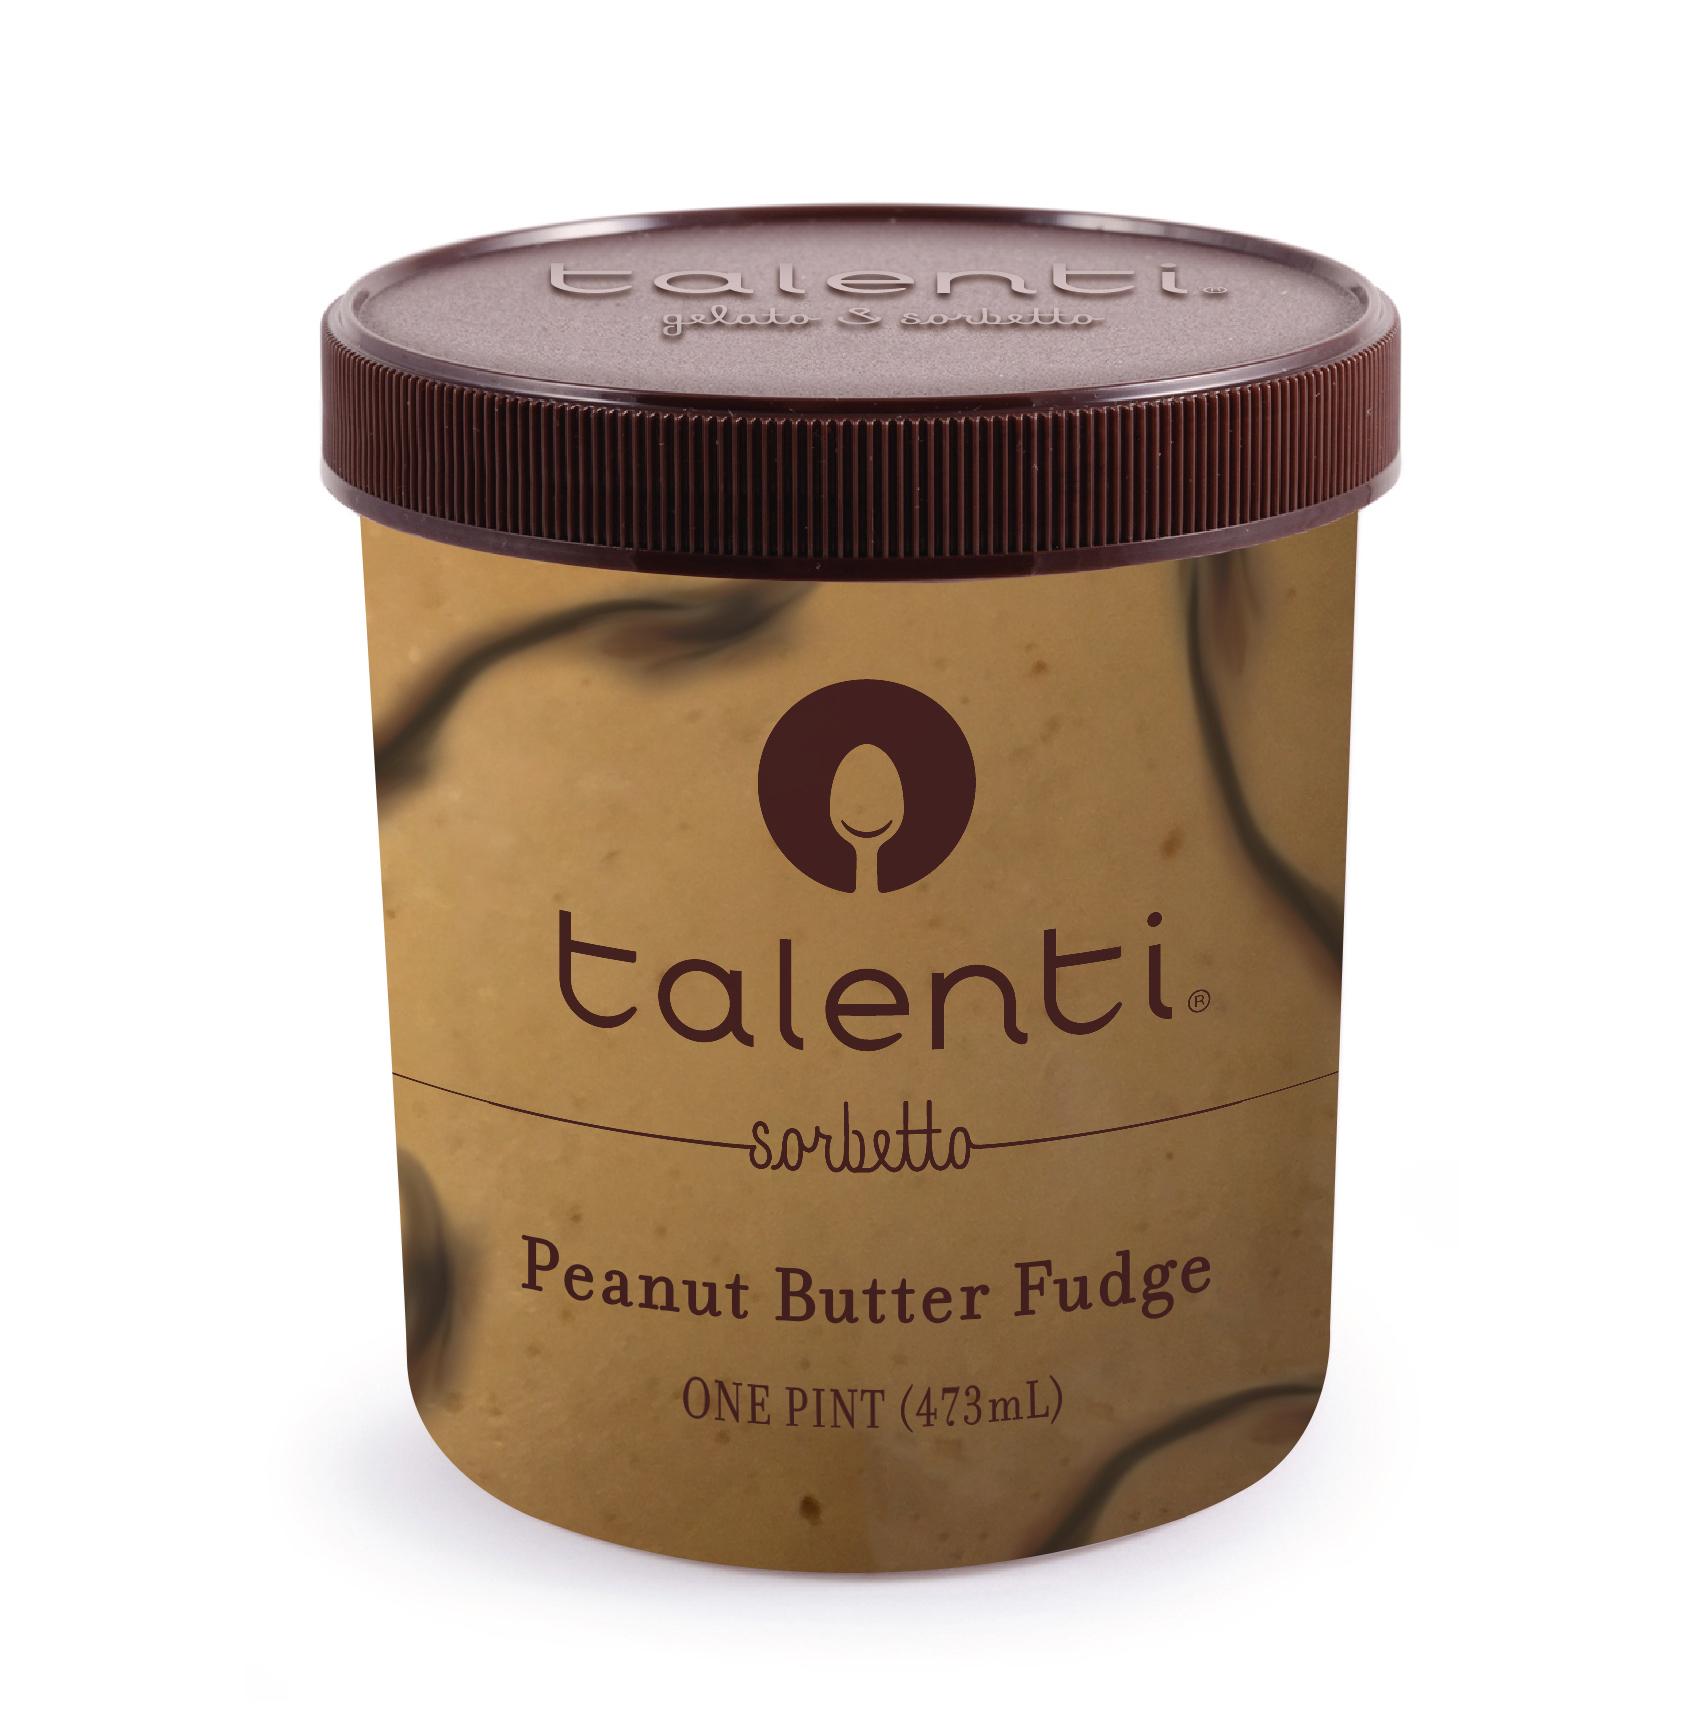 Talenti_Peanut-Butter-Fudge1.jpg